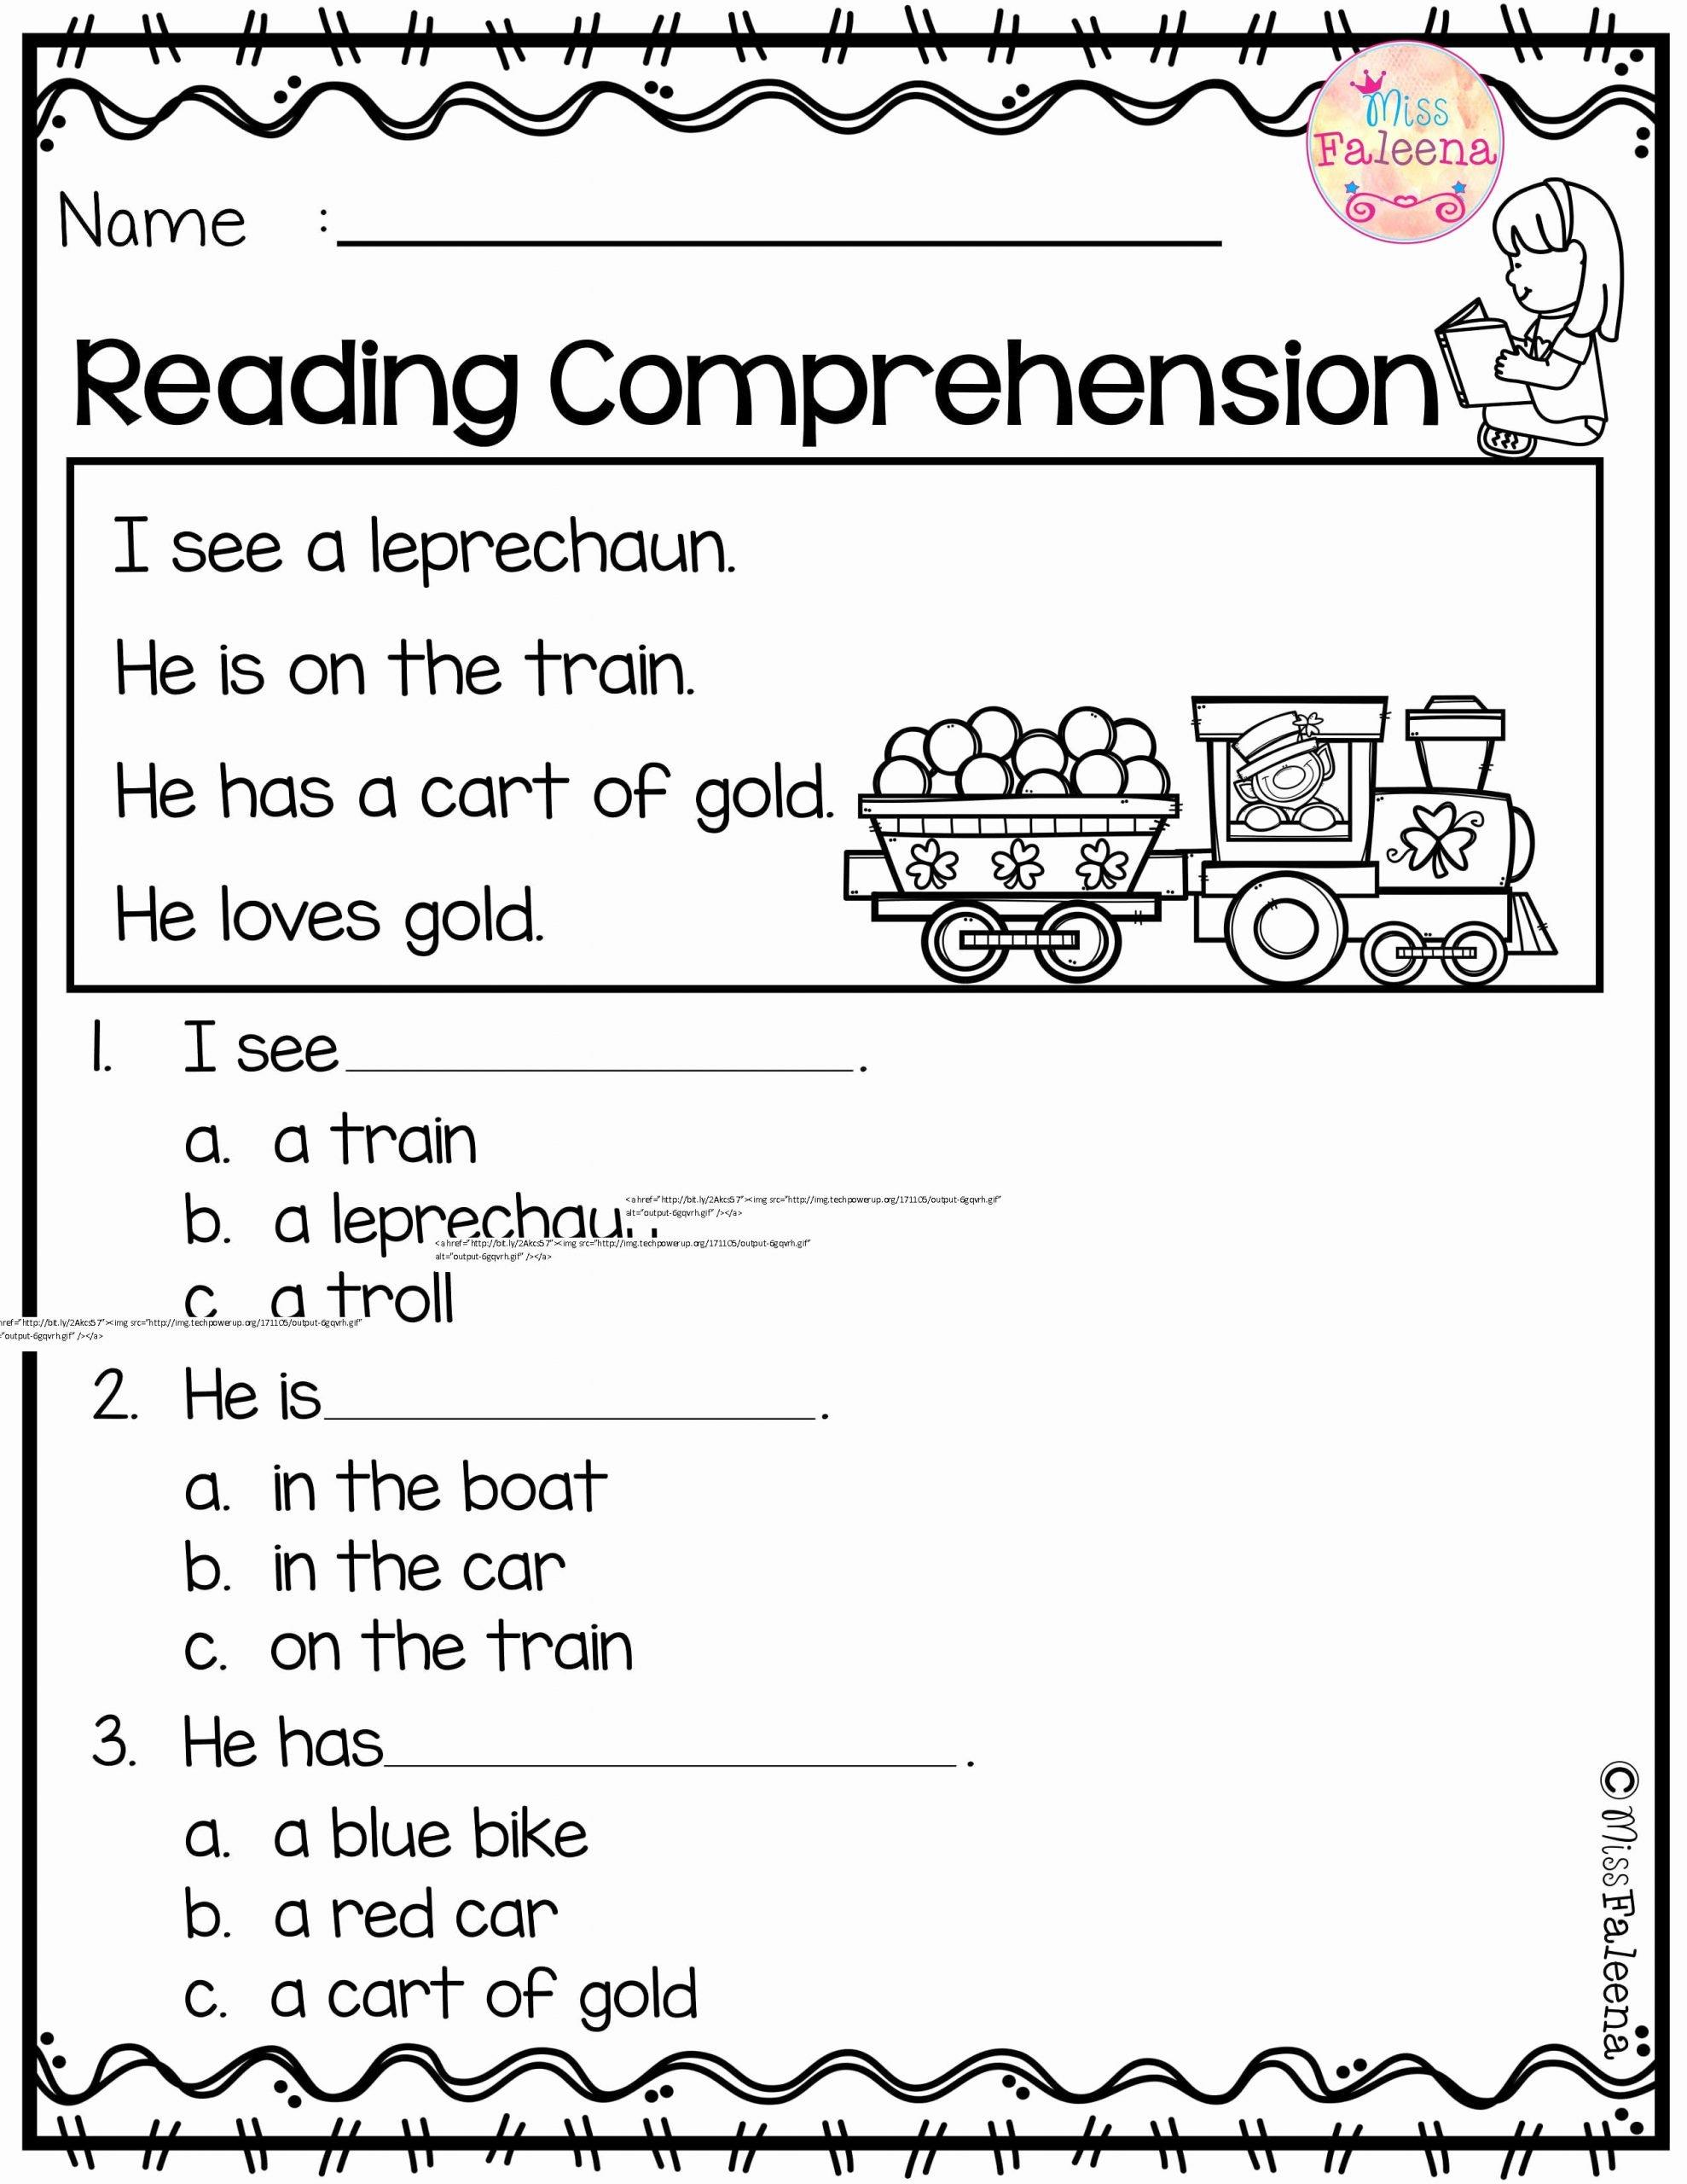 Reading Comprehension Worksheets for Kindergarten Kids March Reading Prehension is Suitable for Kindergarten